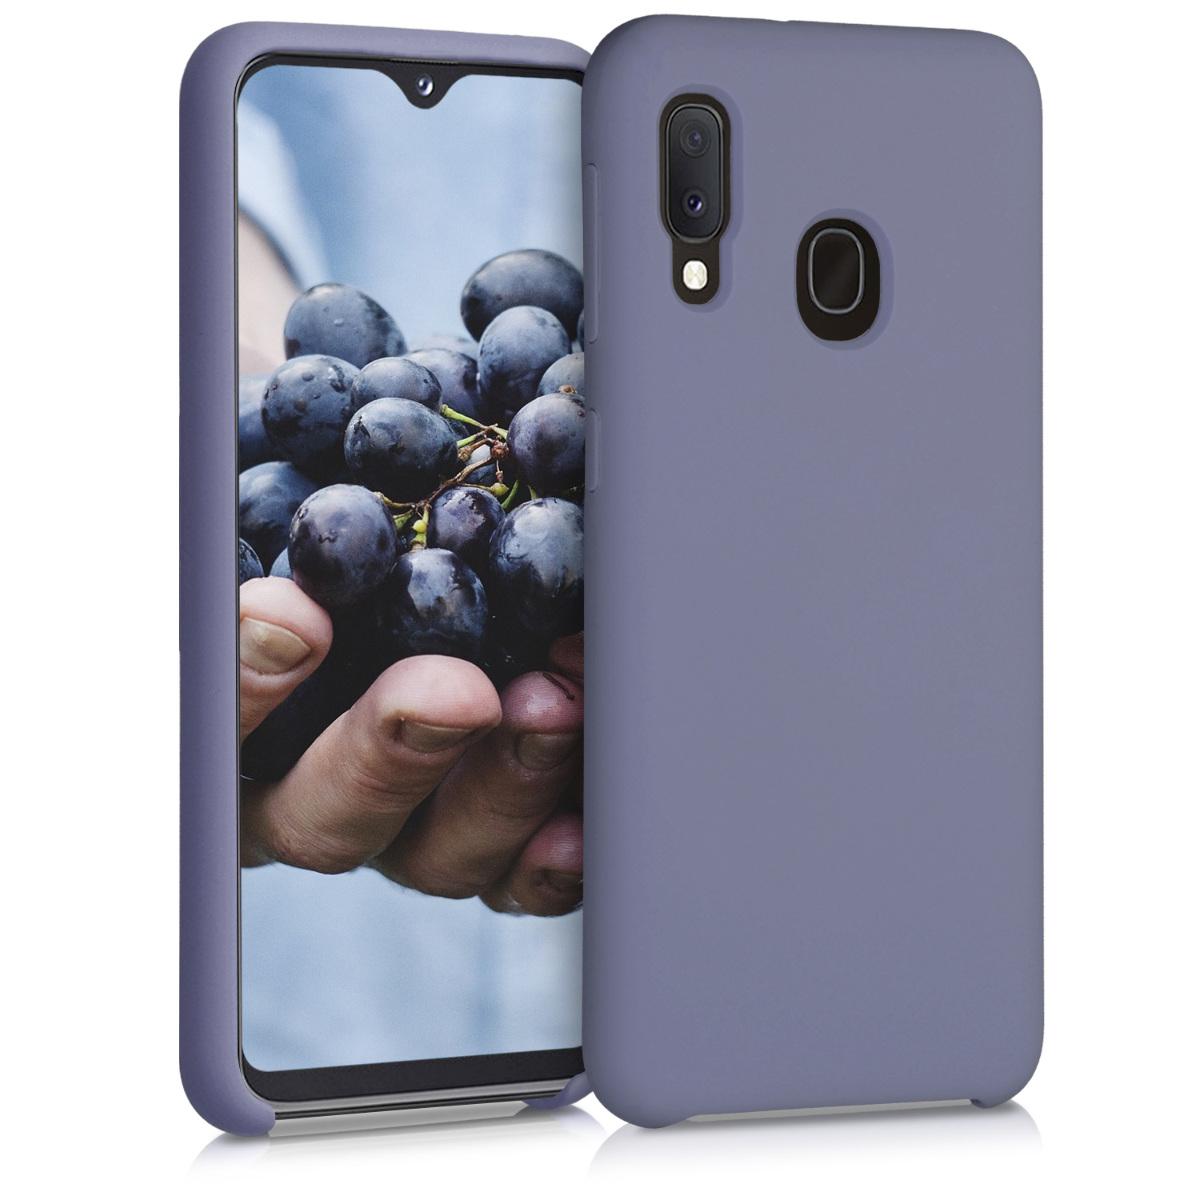 Kvalitní silikonové TPU pouzdro pro Samsung A20e - matné Lavender šedé